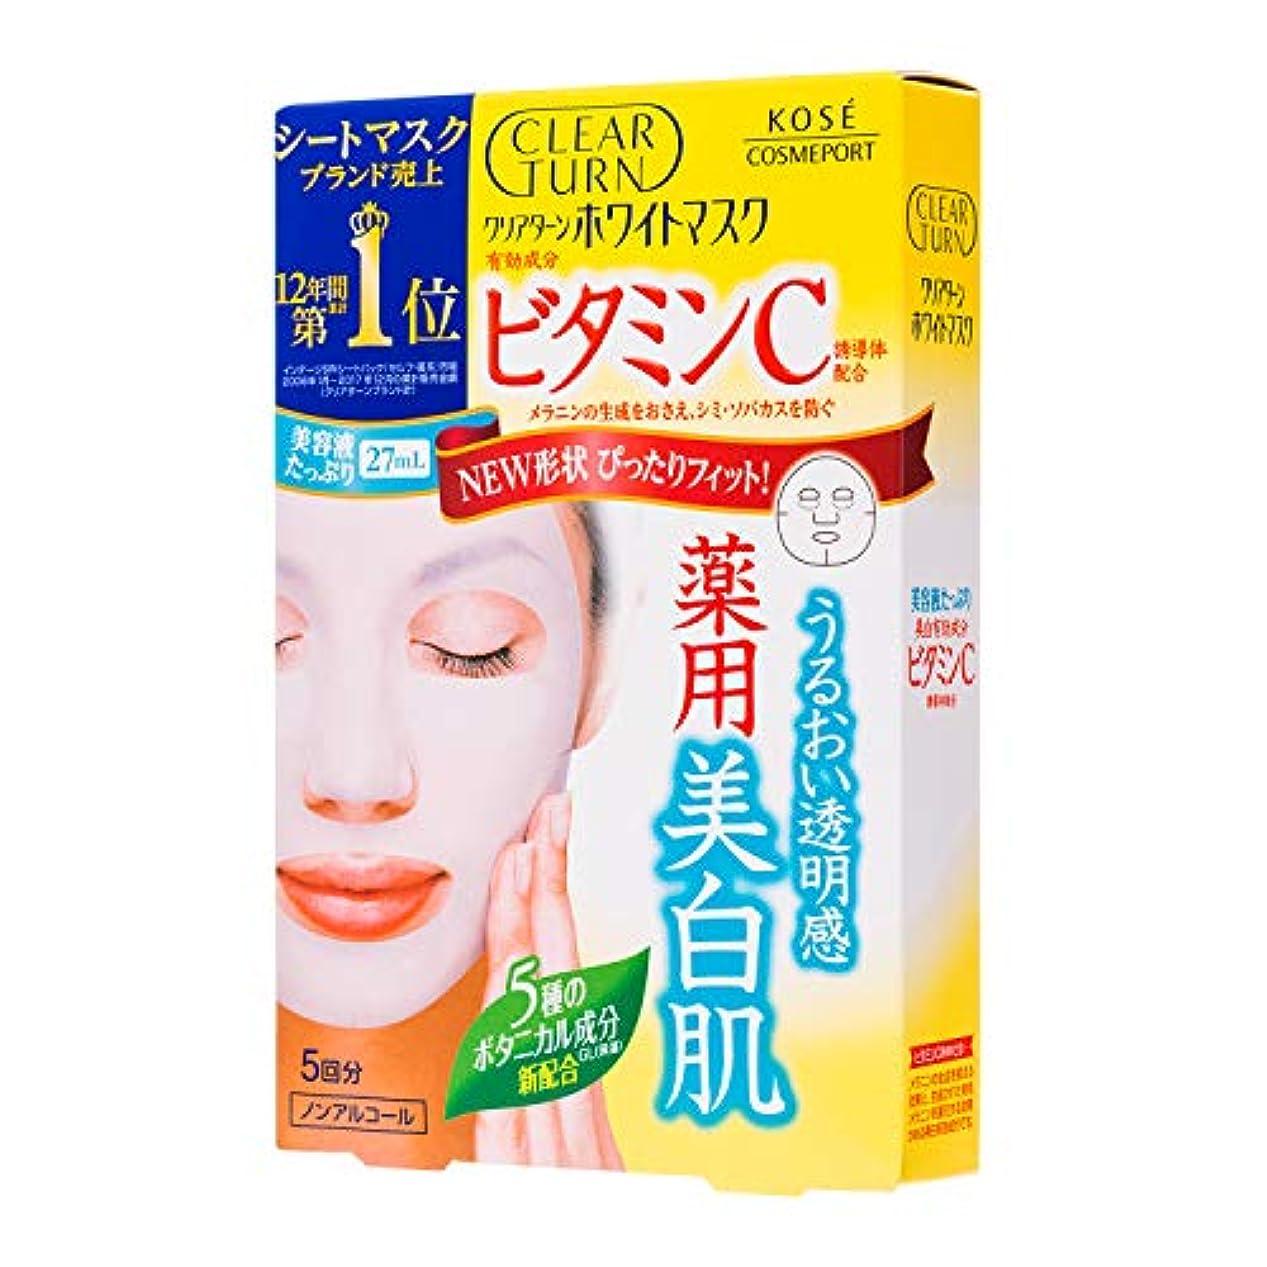 ペリスコープ聖書ビットKOSE コーセー クリアターン ホワイト マスク VC (ビタミンC) 5枚 フェイスマスク